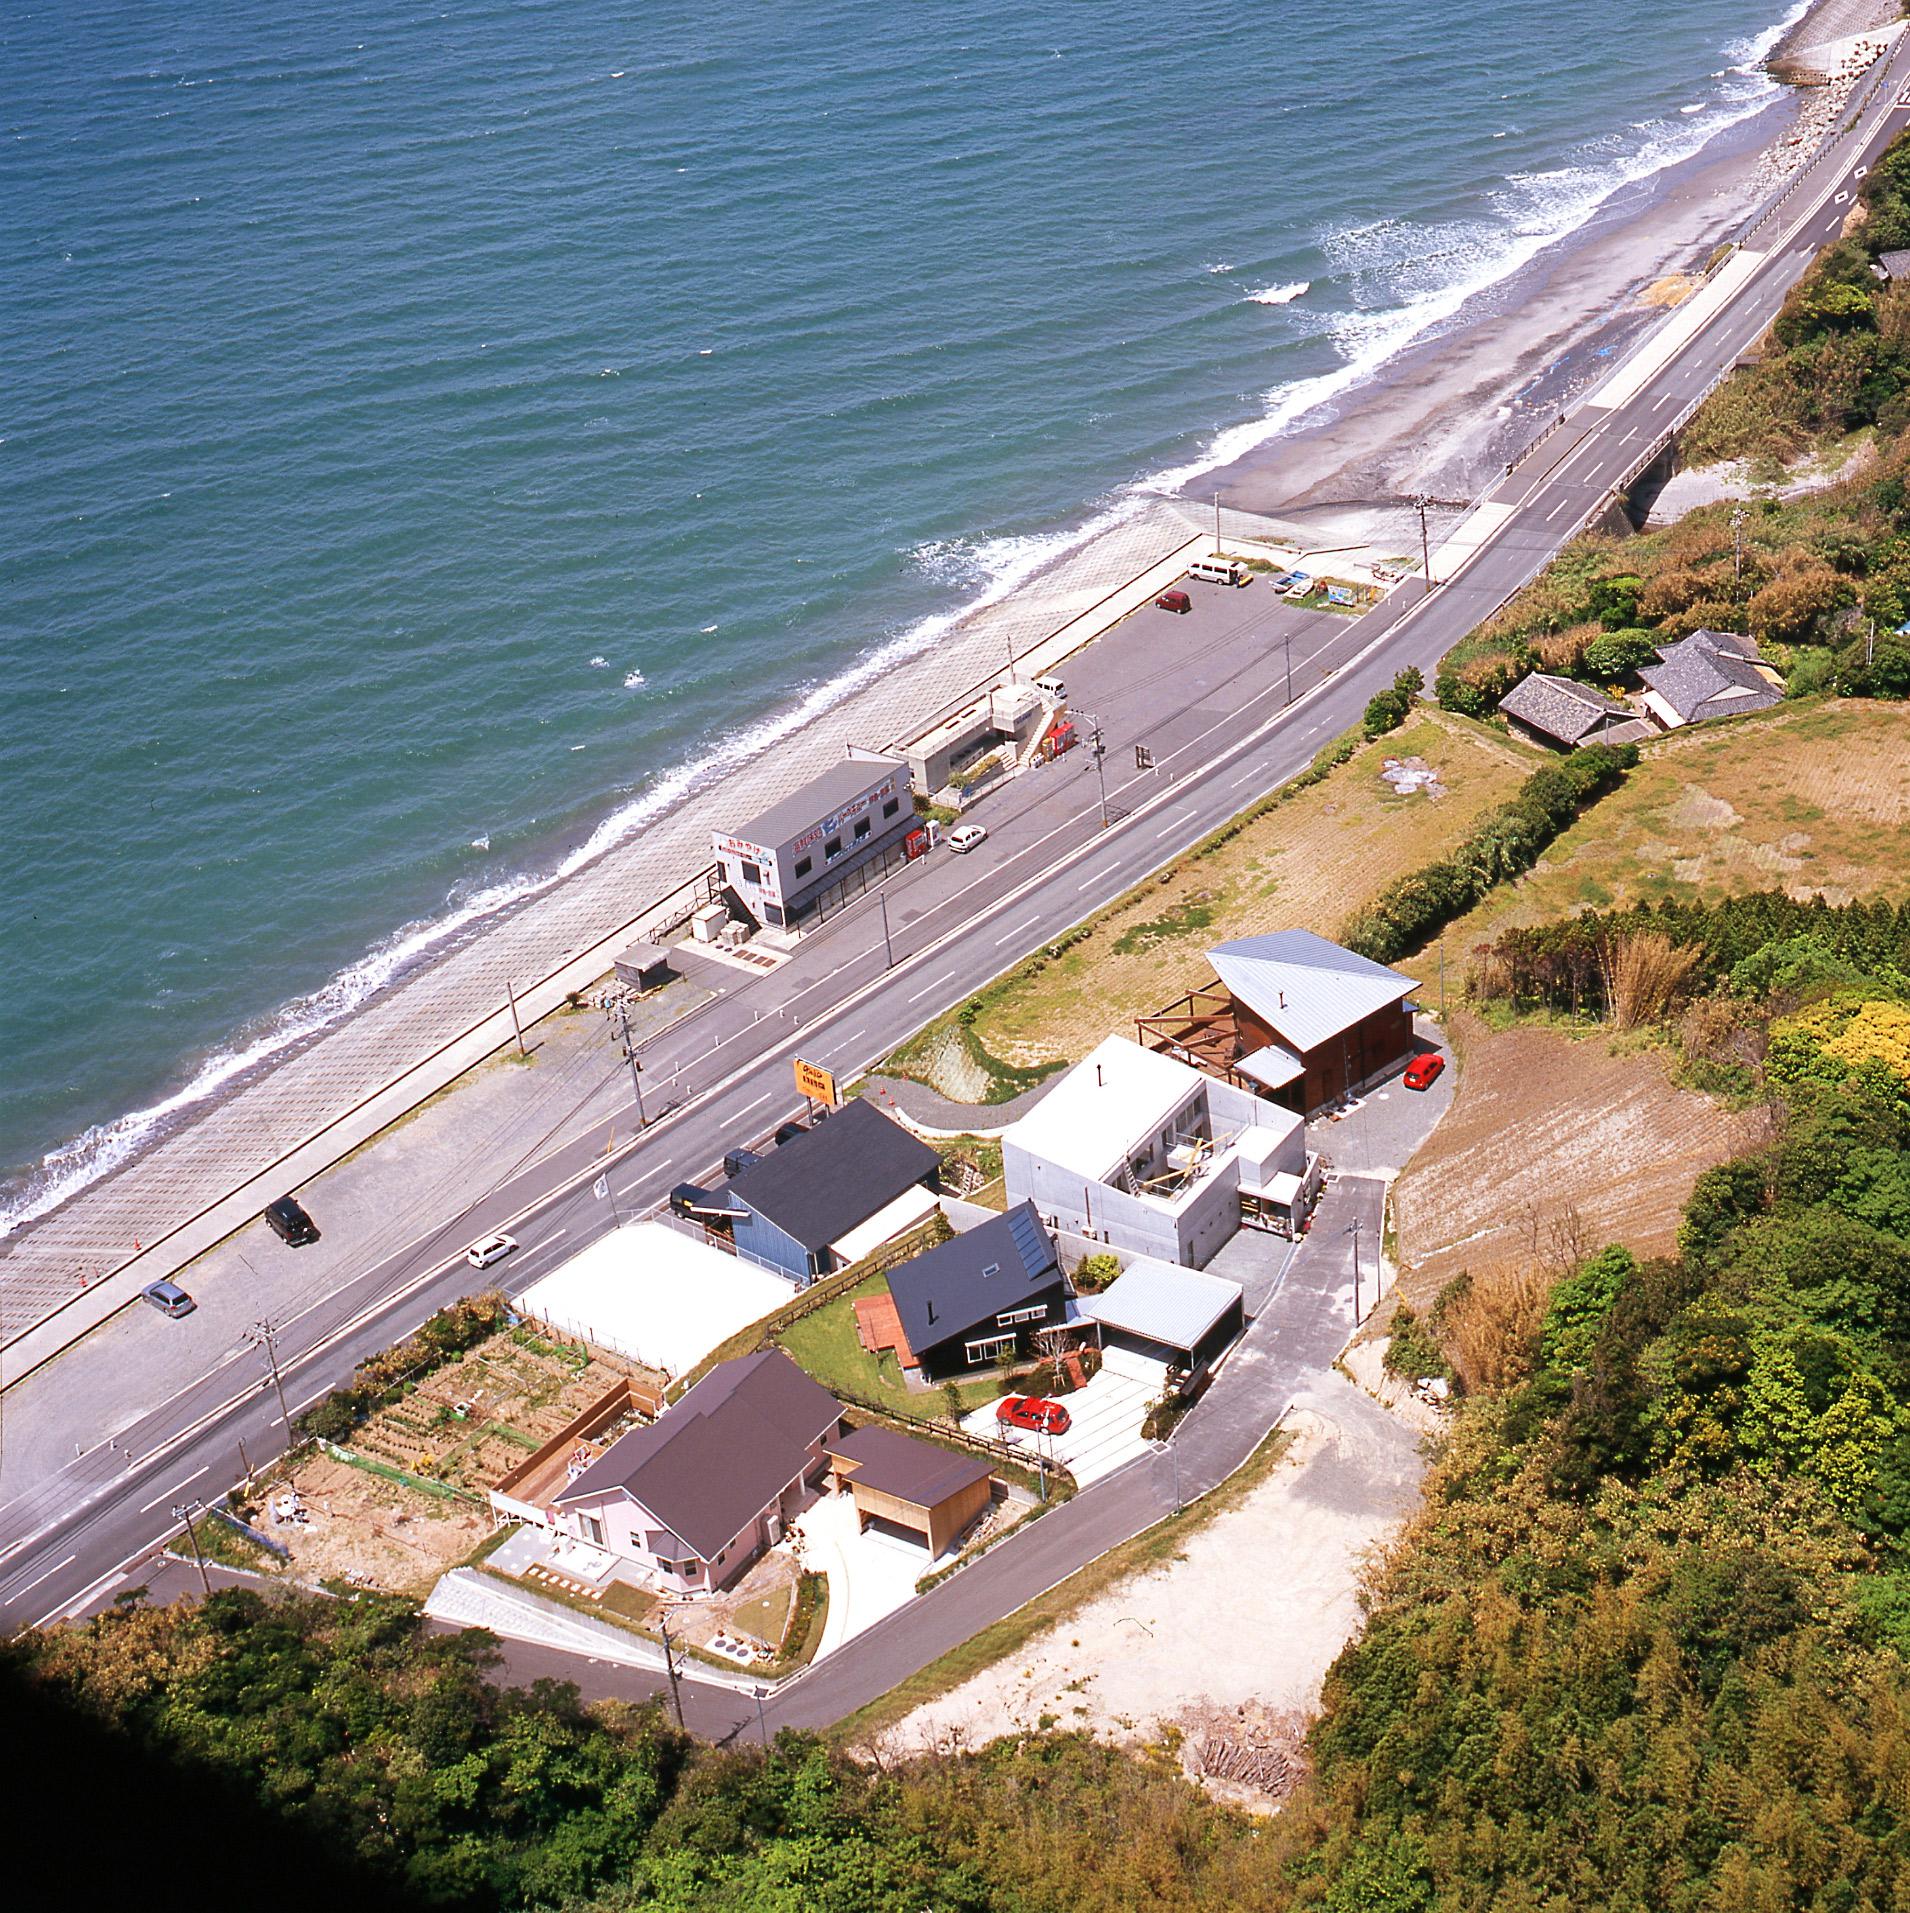 シンケン迫英徳設計の海が目の前に広がる家の空撮